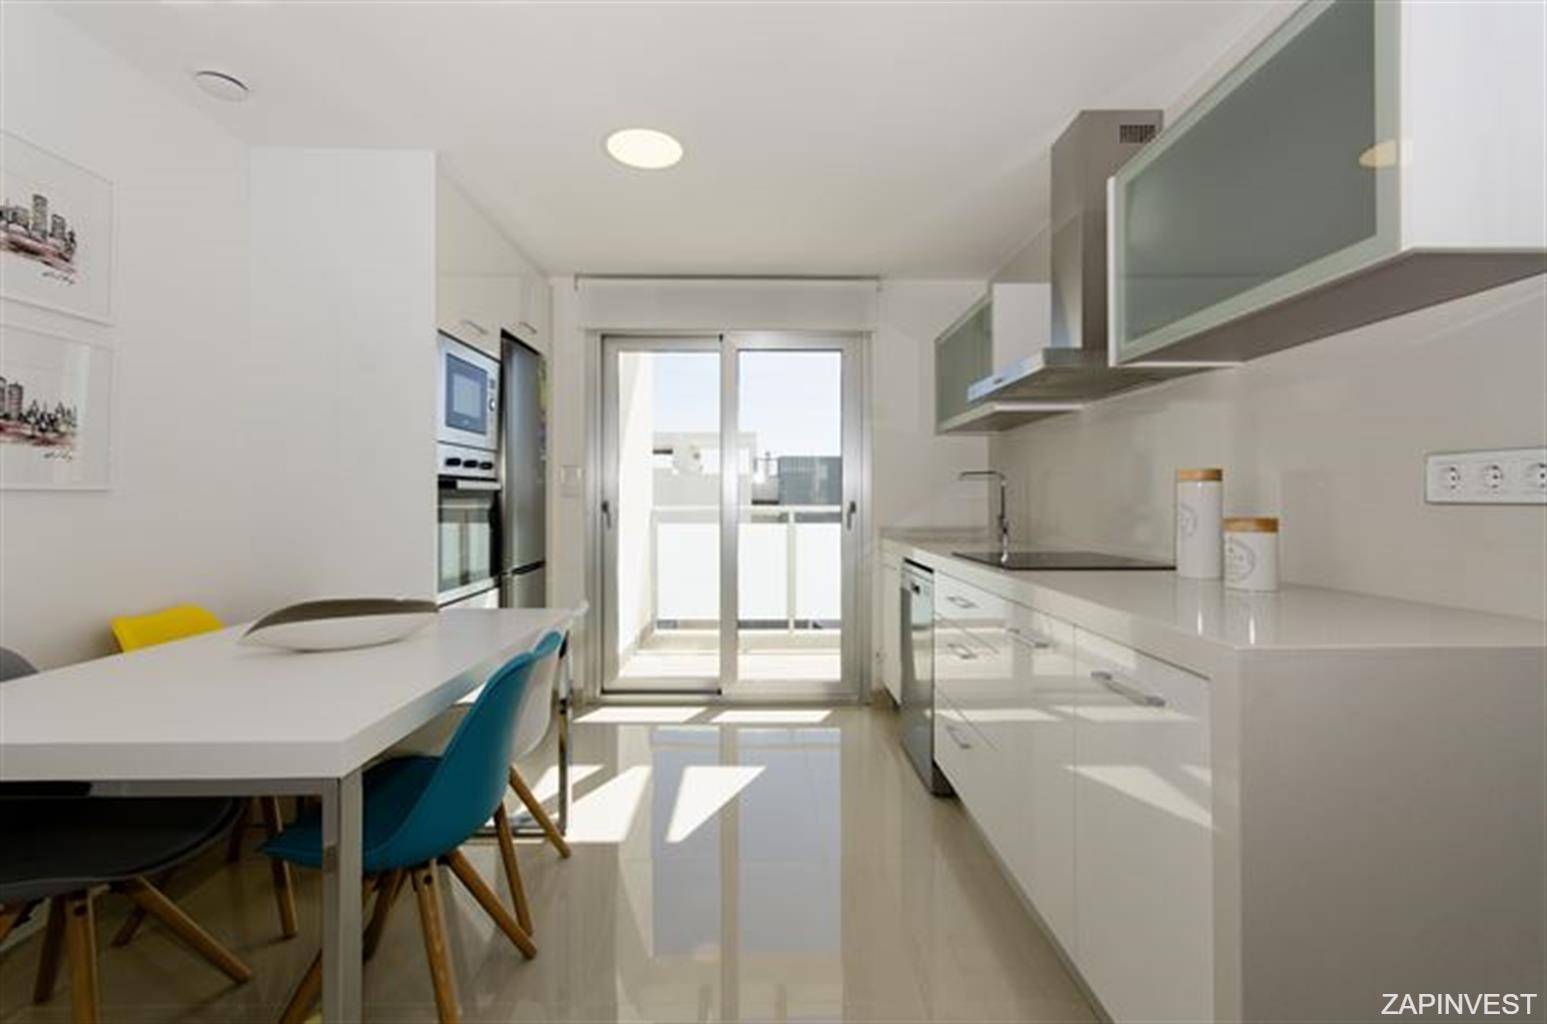 Appartement 2 chambres au rez de chaussee et vue sur les salines à Los Balcones